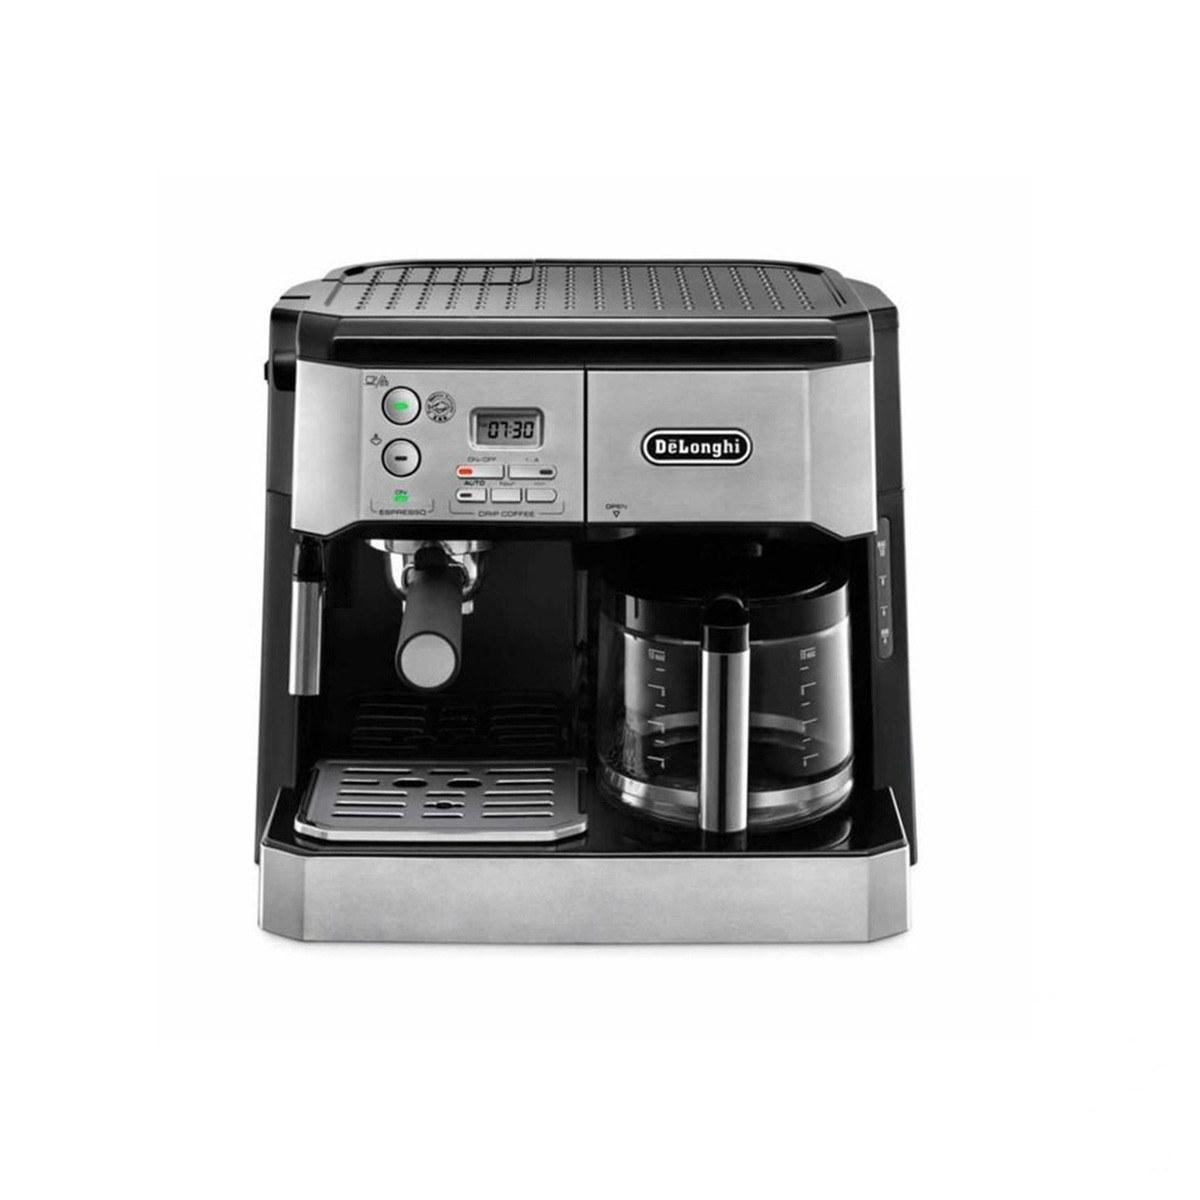 main images اسپرسو ساز دلونگی 1750 وات BCO421 Delonghi BCO421 Delonghi Espresso Maker 1750w